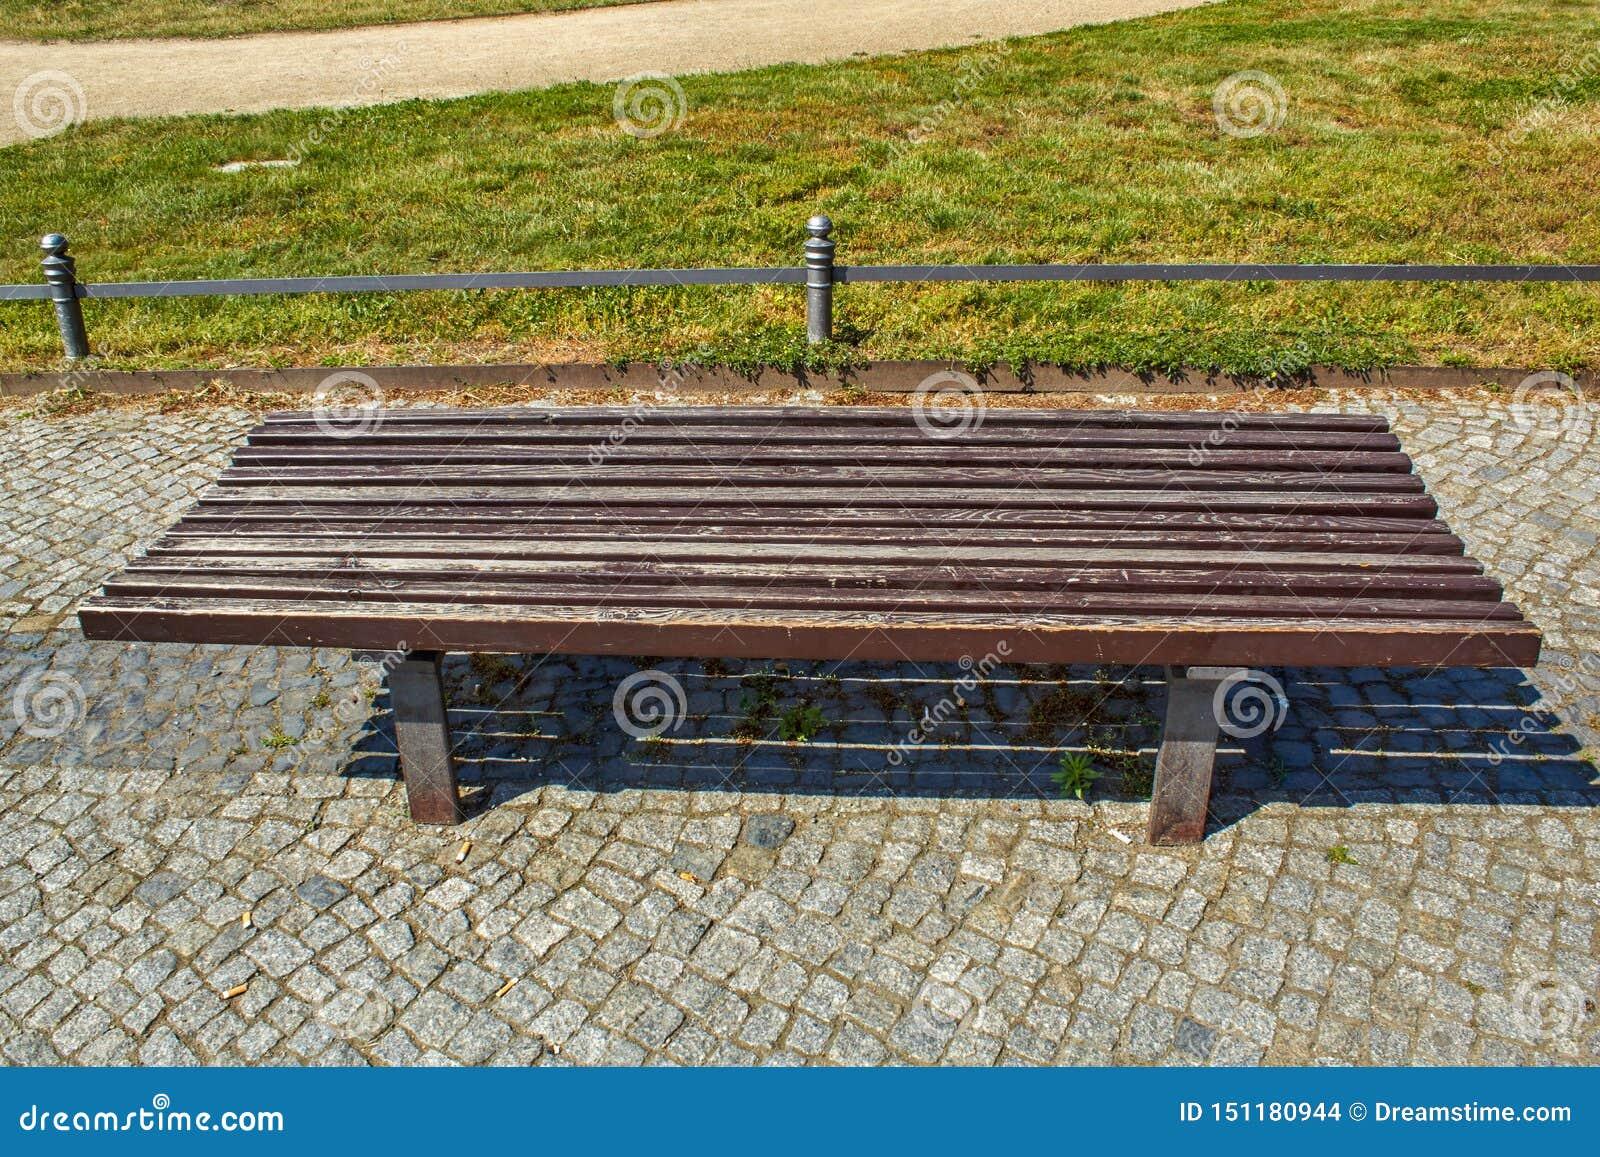 Banc de parc en bois brun à grande échelle